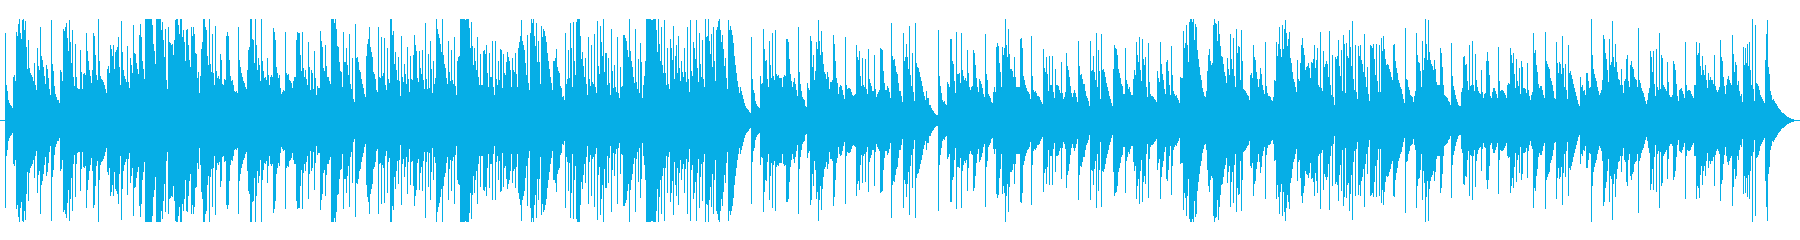 木琴(マリンバ)のとぼけた感じの曲(速)の再生済みの波形